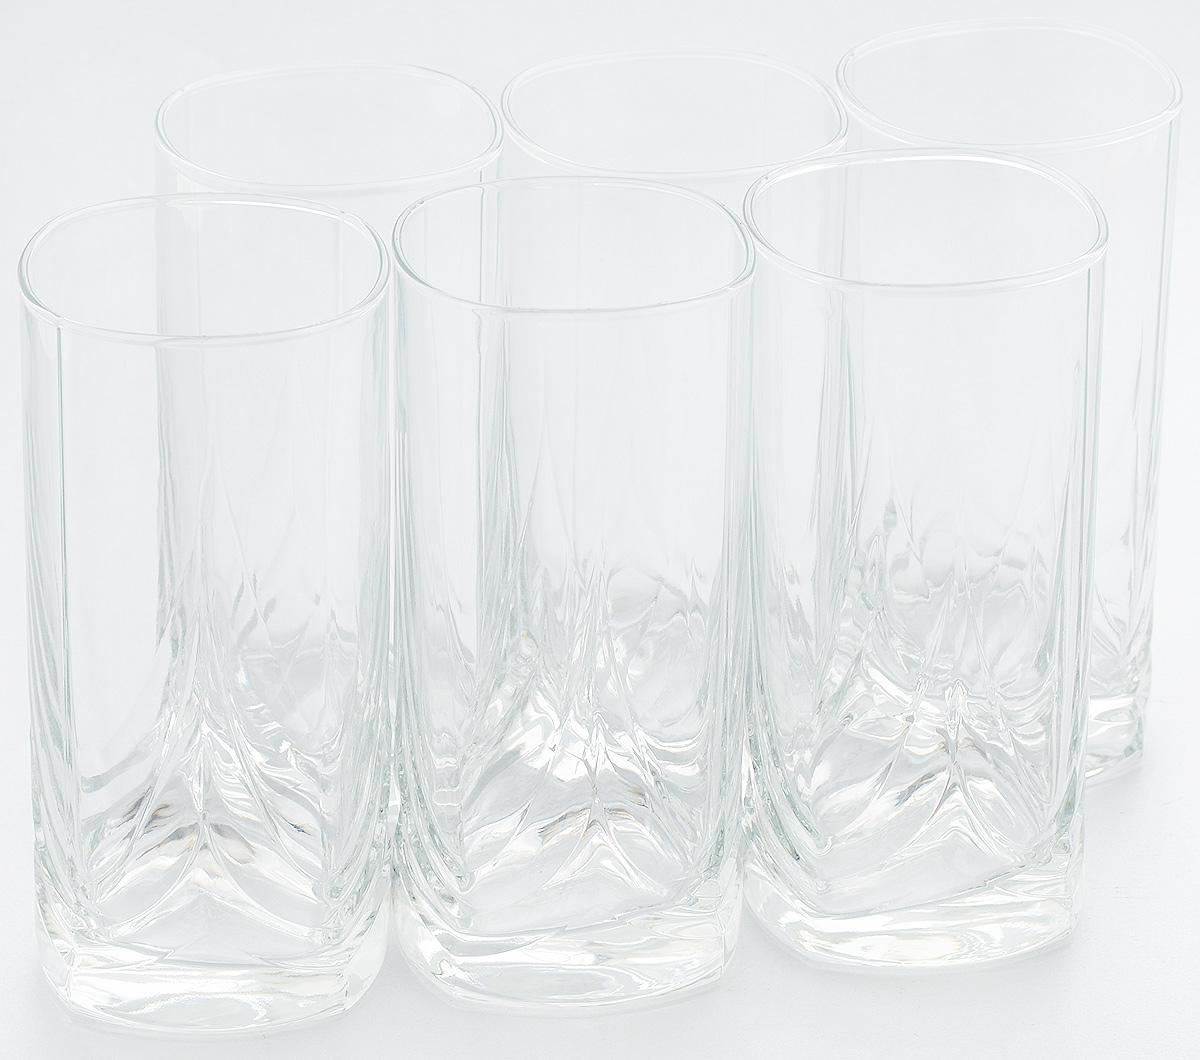 Набор стаканов для коктейлей Pasabahce Triumph, 300 мл, 6 шт41630/Набор Pasabahce, состоящий из шести стаканов, несомненно, придется вам по душе. Стаканы предназначены для подачи коктейлей, сока, воды и других напитков. Они изготовлены из прочного высококачественного прозрачного стекла и сочетают в себе элегантный дизайн и функциональность. Благодаря такому набору пить напитки будет еще вкуснее.Набор стаканов Pasabahce идеально подойдет для сервировки стола и станет отличным подарком к любому празднику.